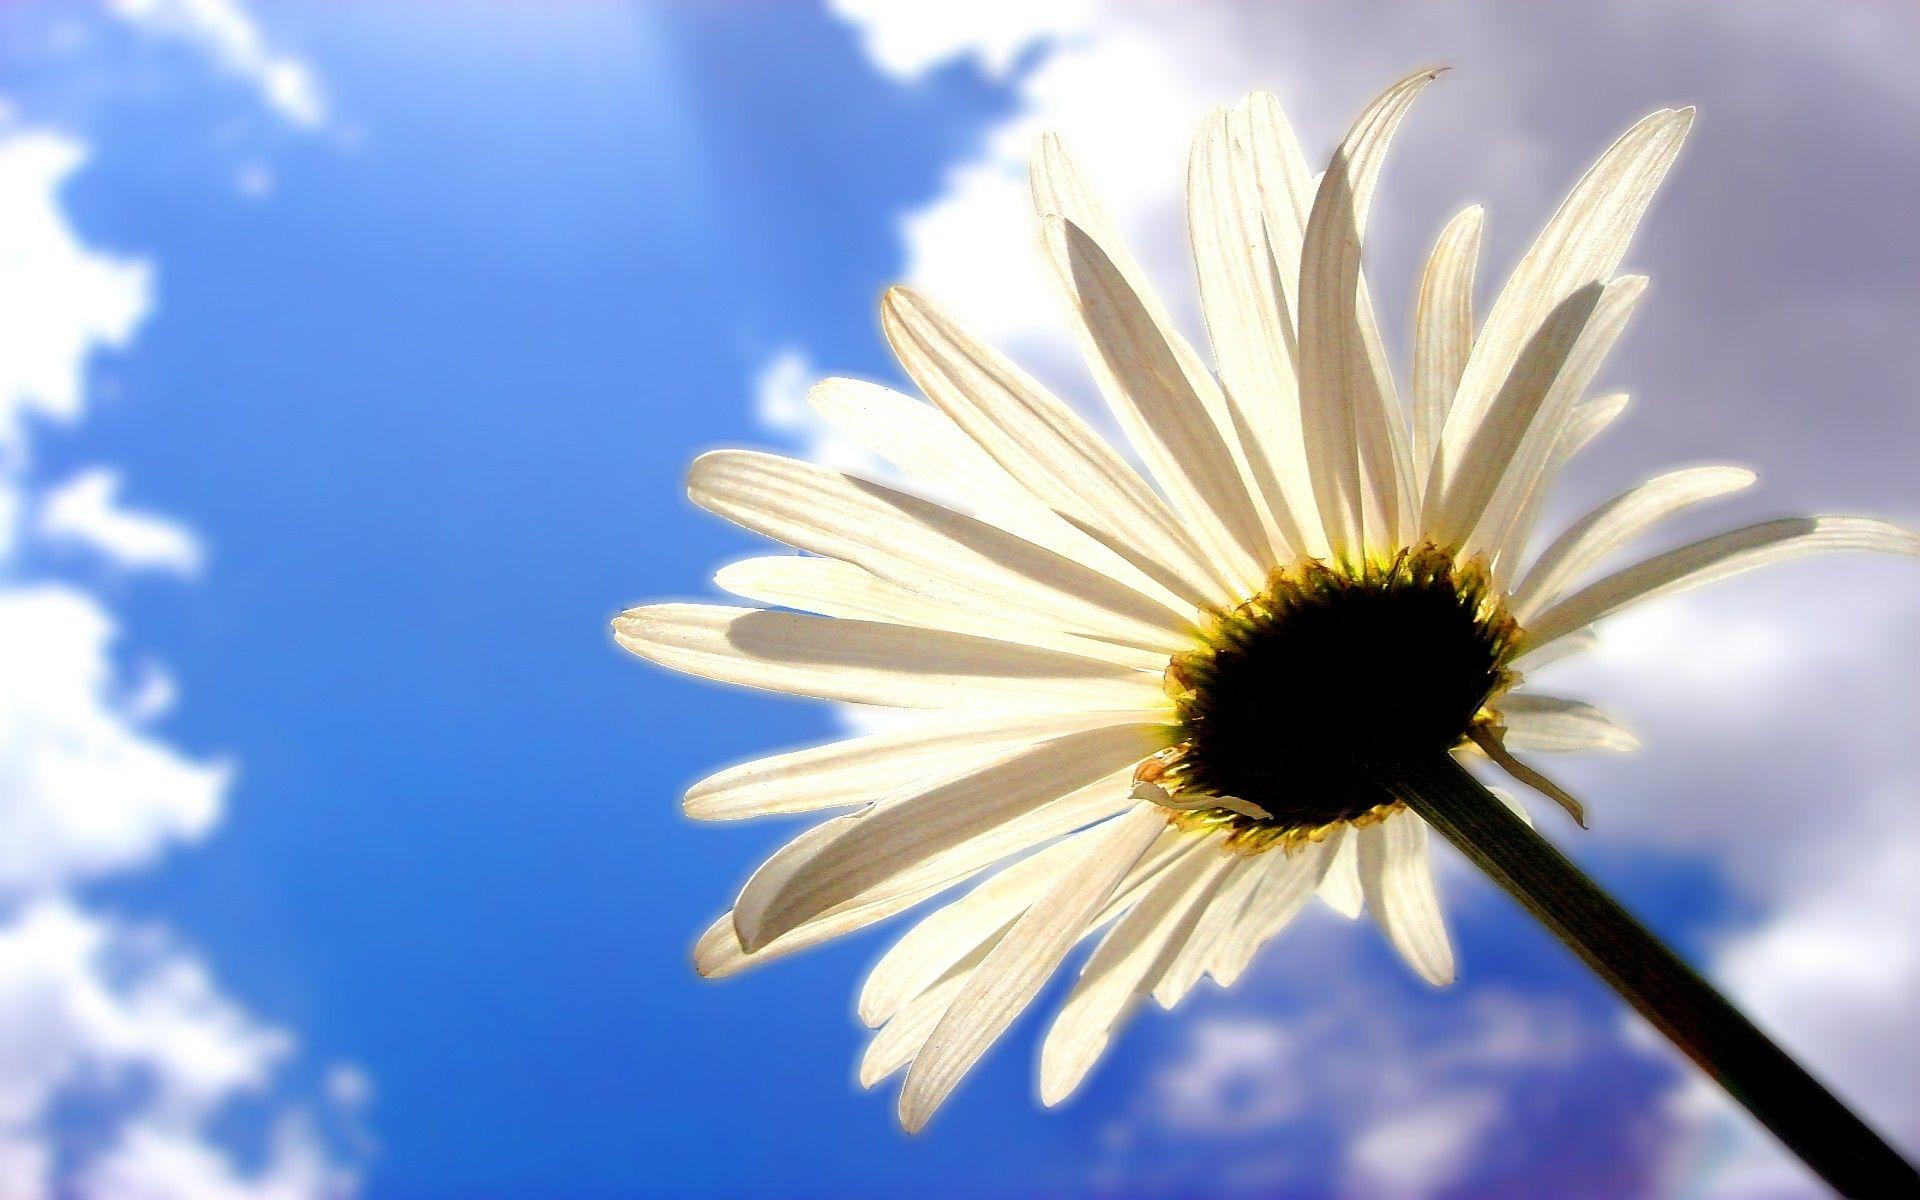 Daisy Flower in Sunlight Flowers, Beautiful wallpapers